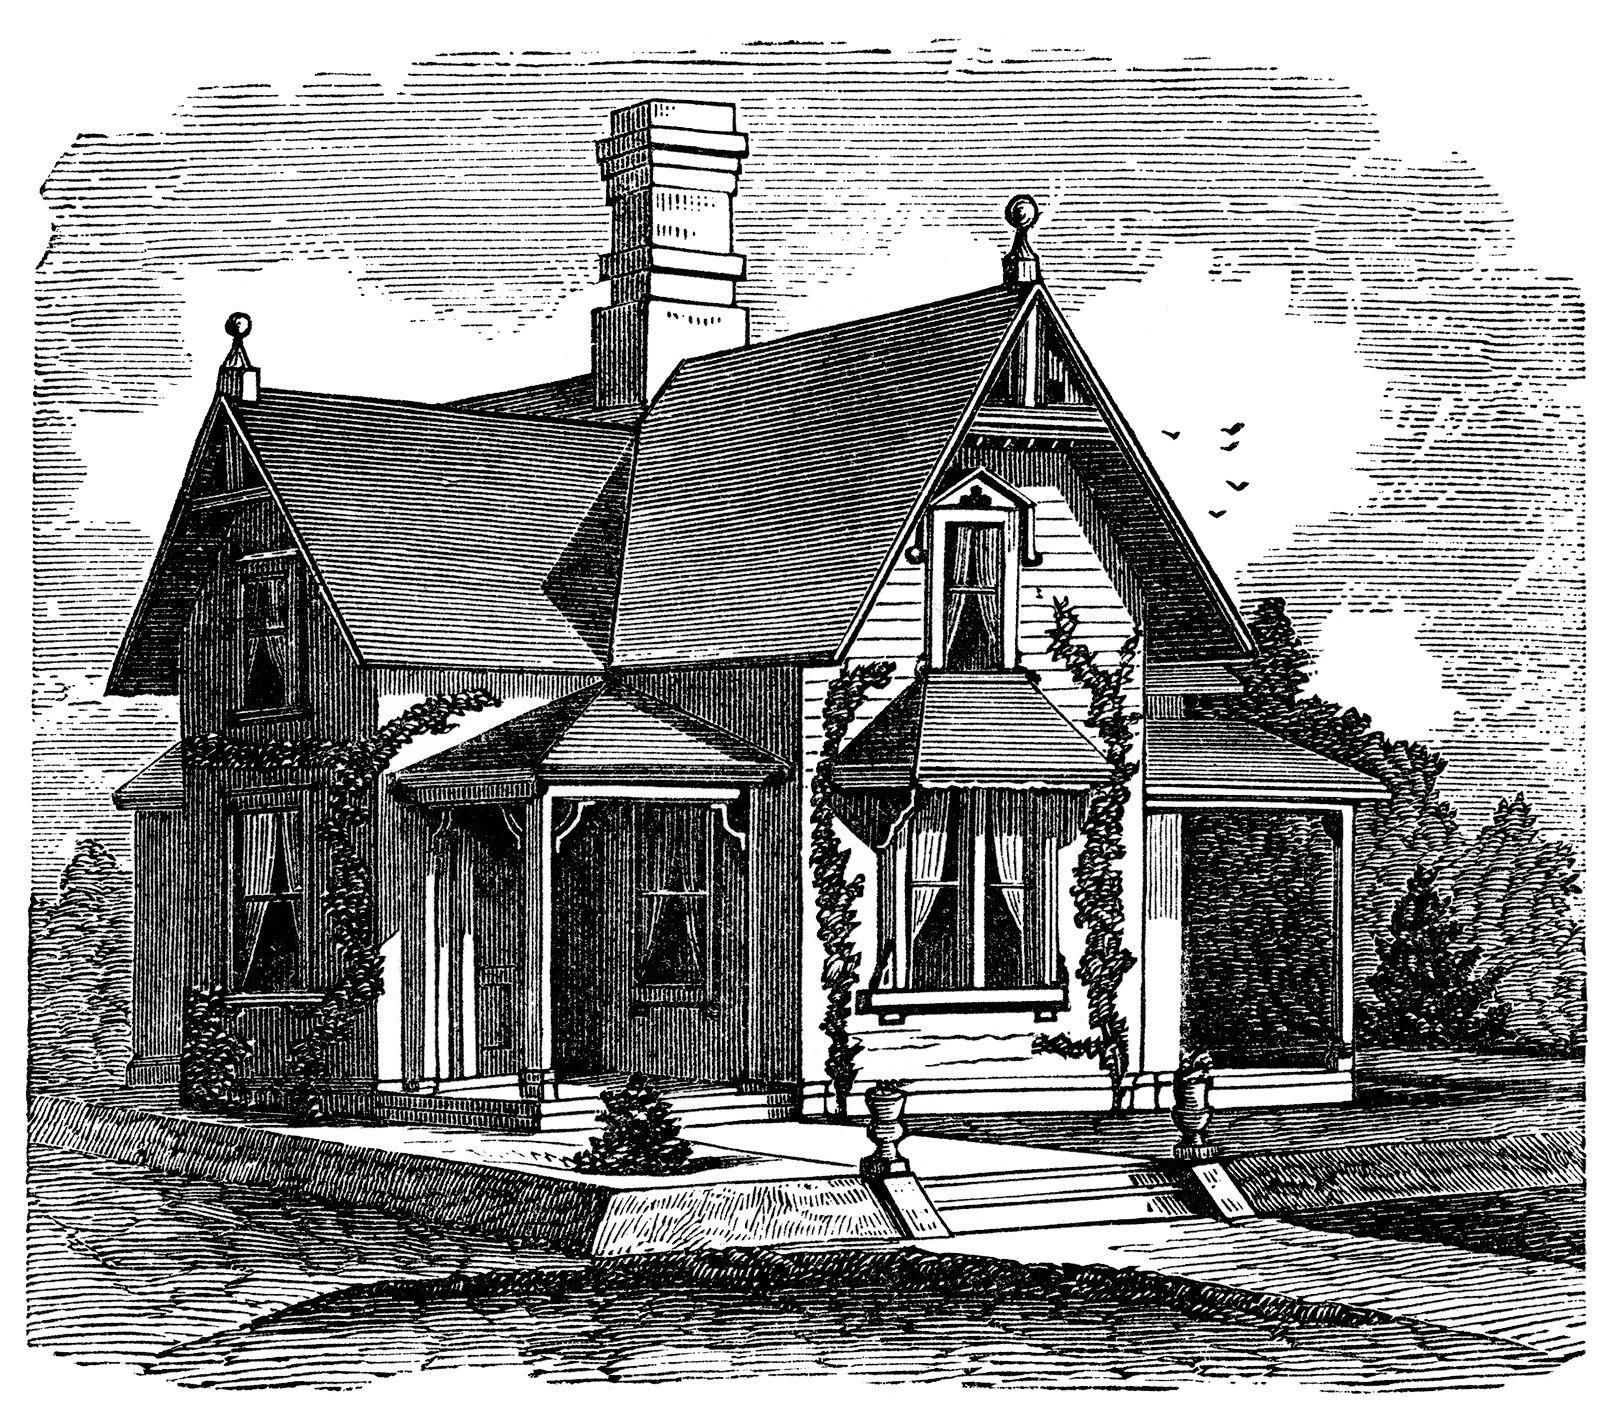 House Illustration Clip Art Black And White